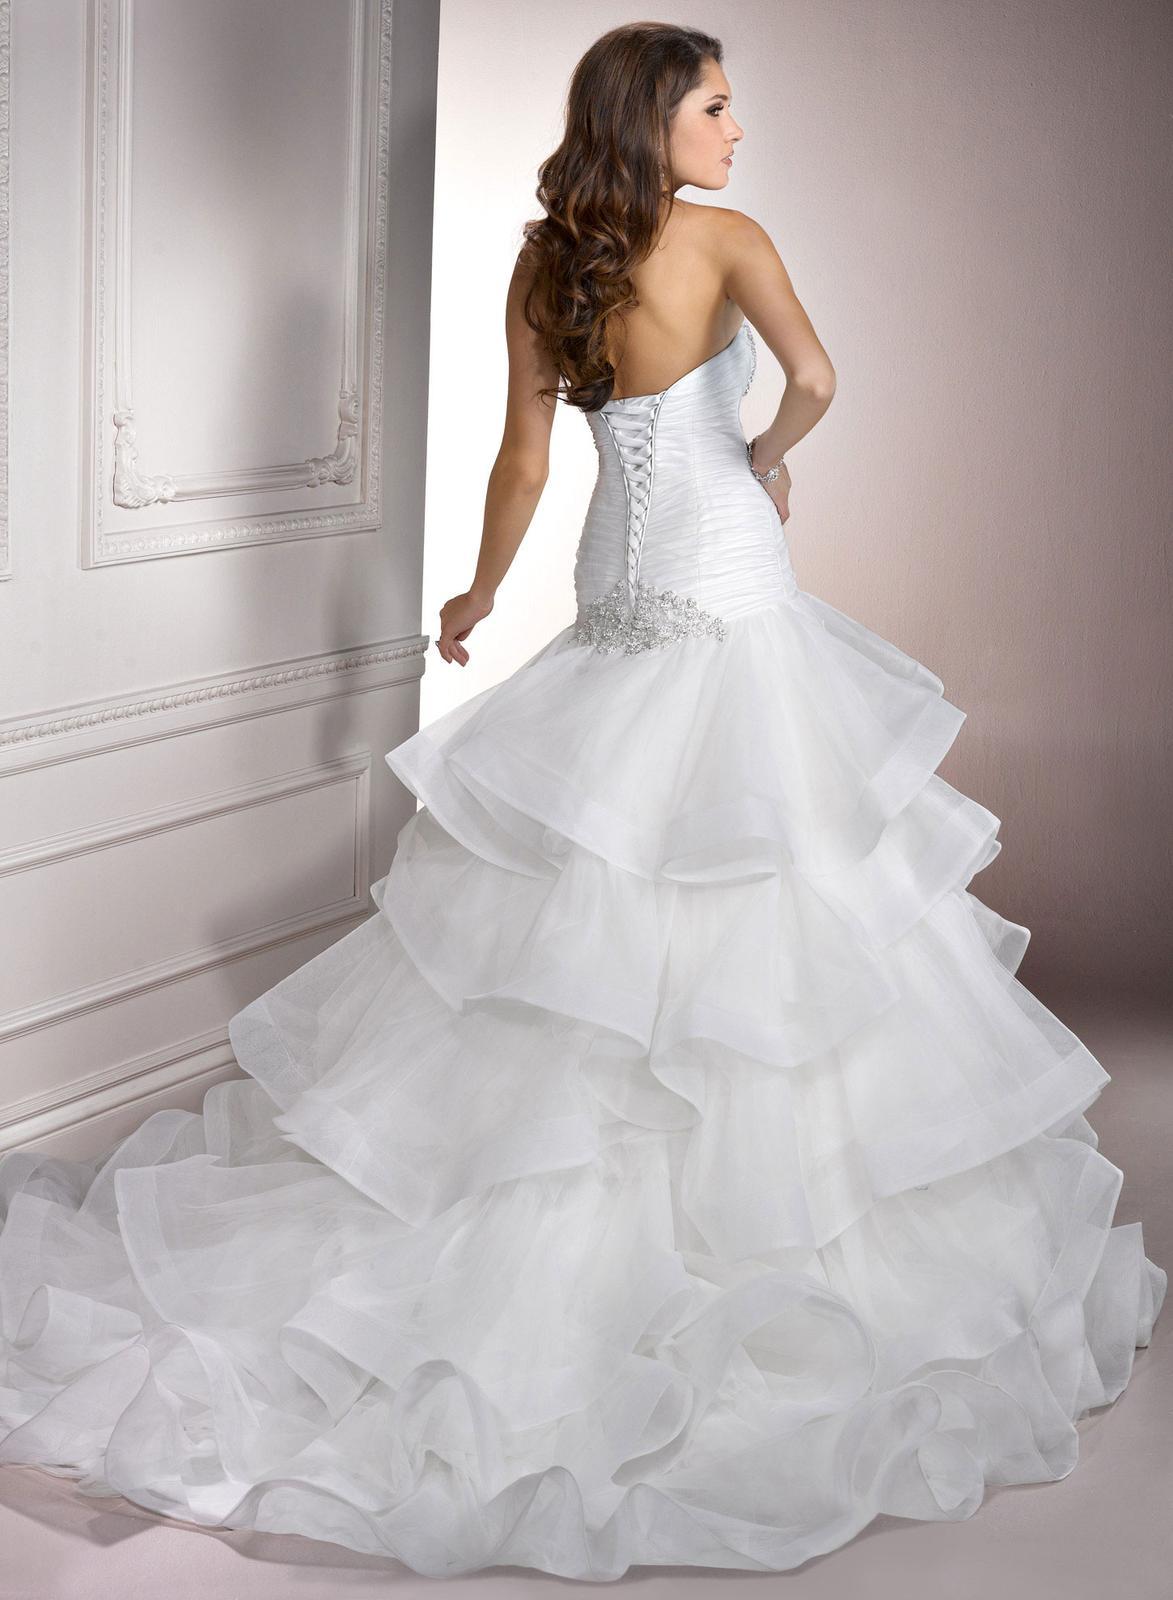 Výpredaj svadobných šiat! - Farba: white, veľkosť 32-36